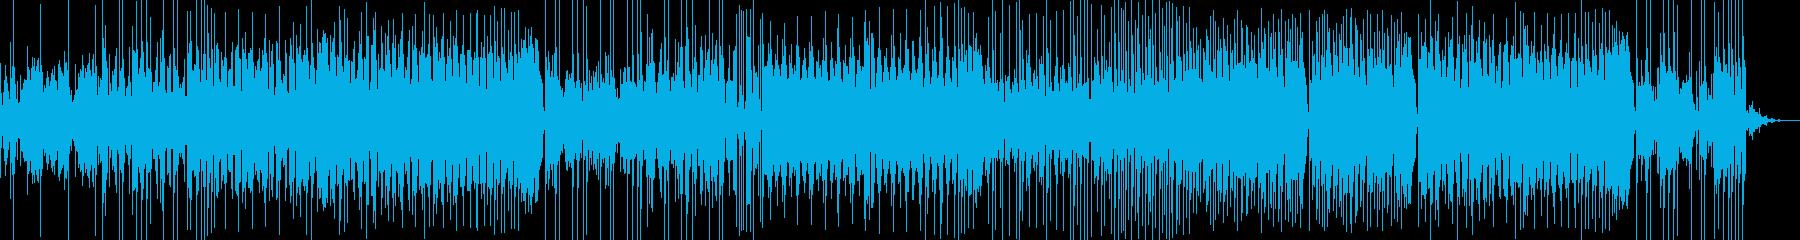 少し怪しげな雰囲気のかっこいいEDMの再生済みの波形